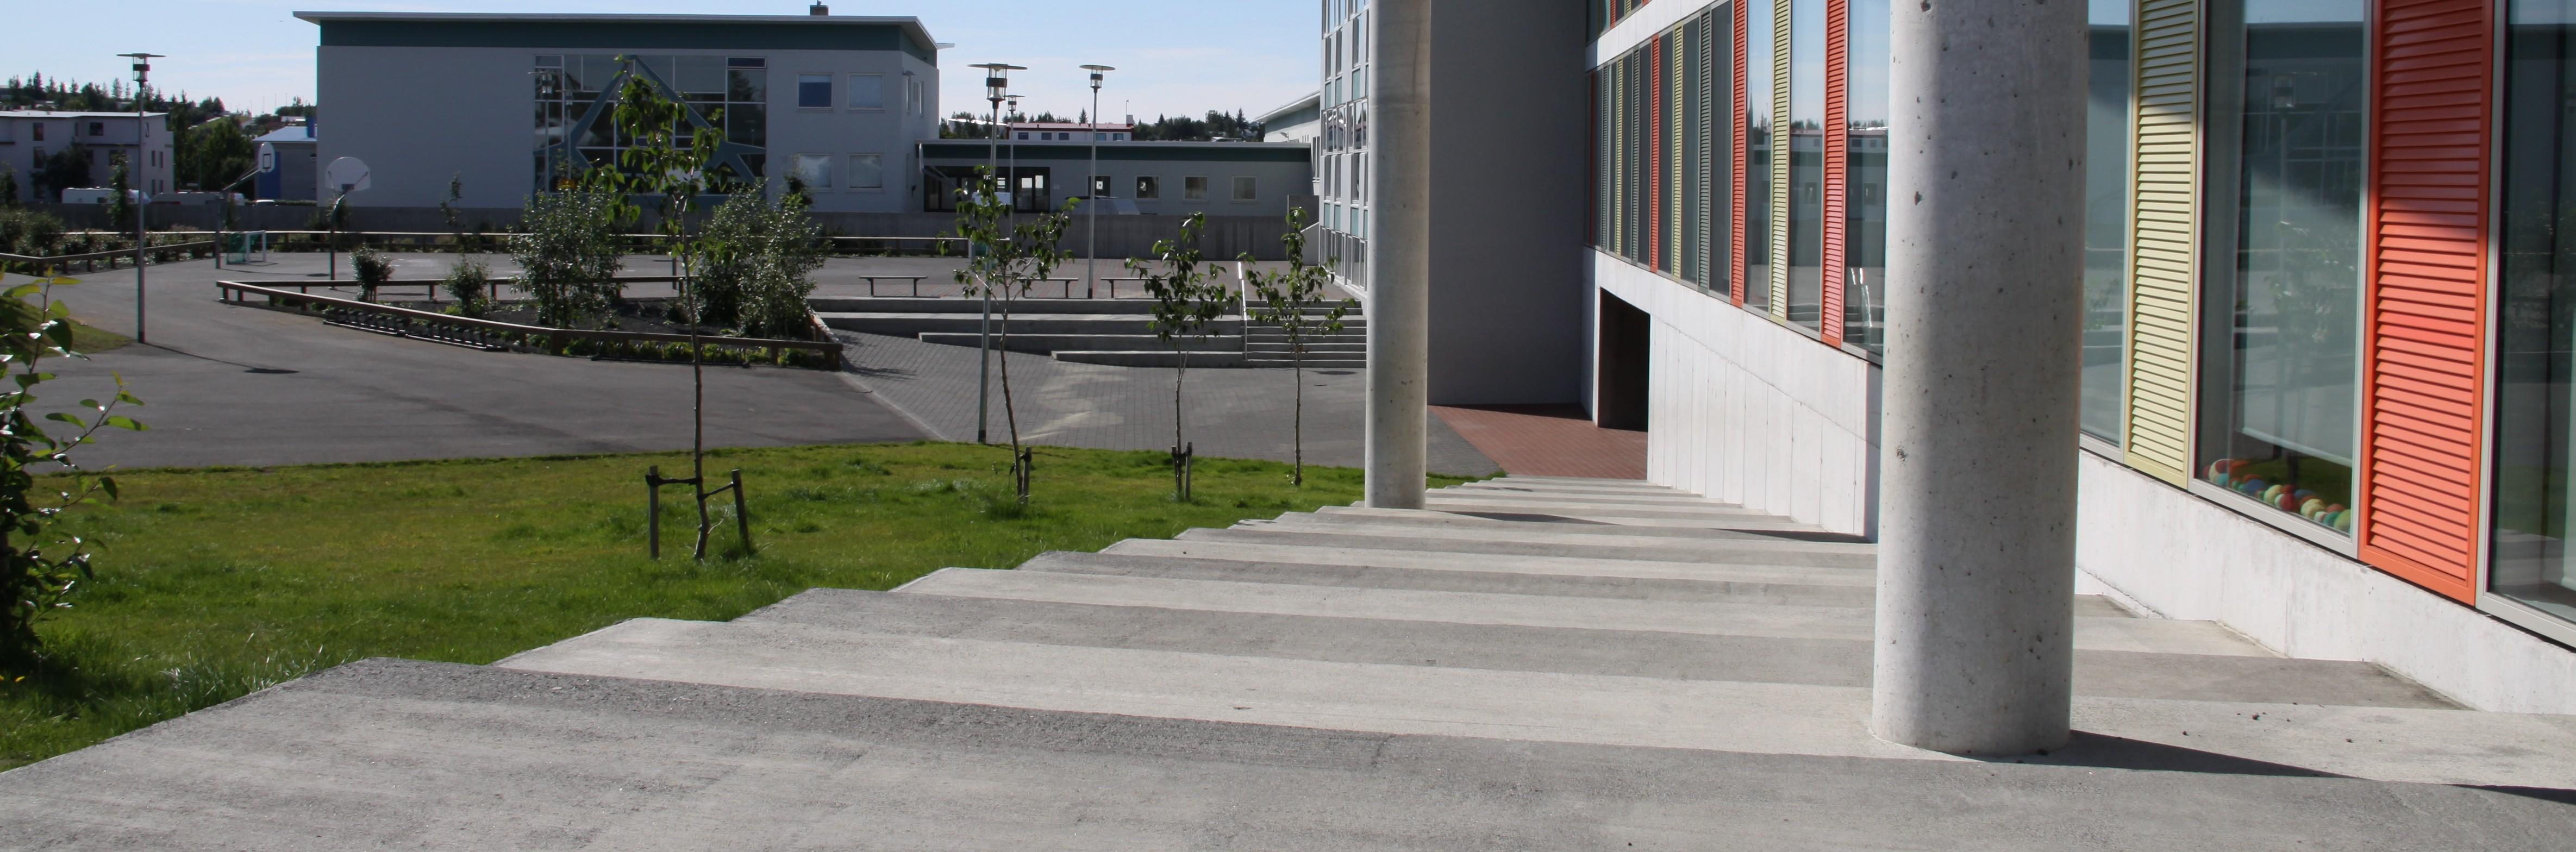 Vogaskóli í Reykjavík